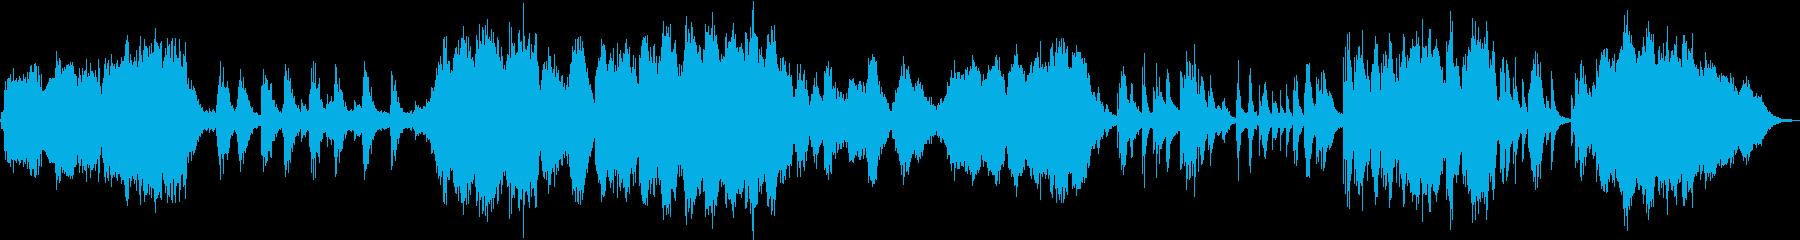 ショパン ノクターン 幻想的アレンジの再生済みの波形